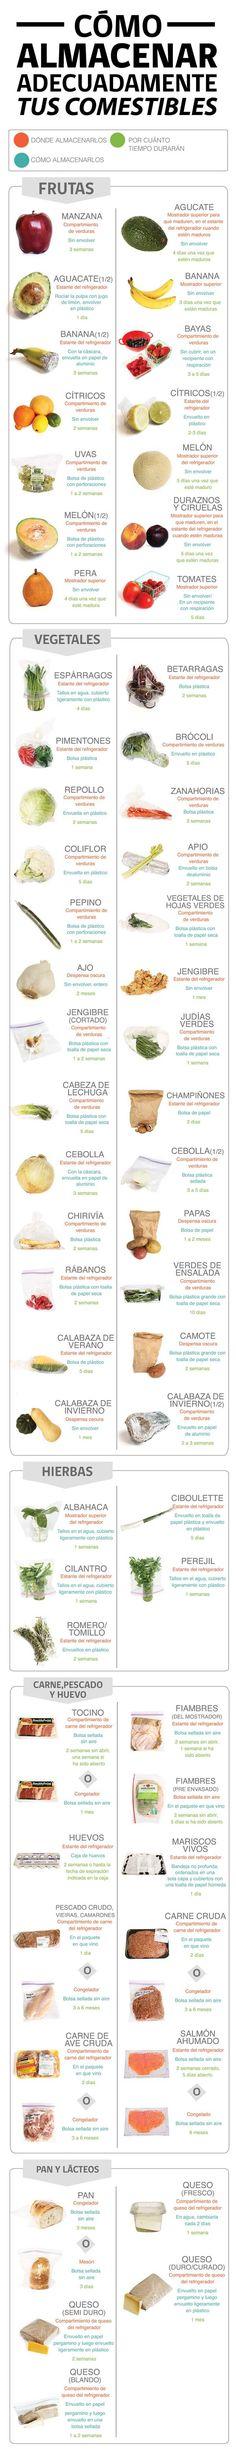 El almacenamiento de alimentos en casa. #alimentos #infografia #conservación